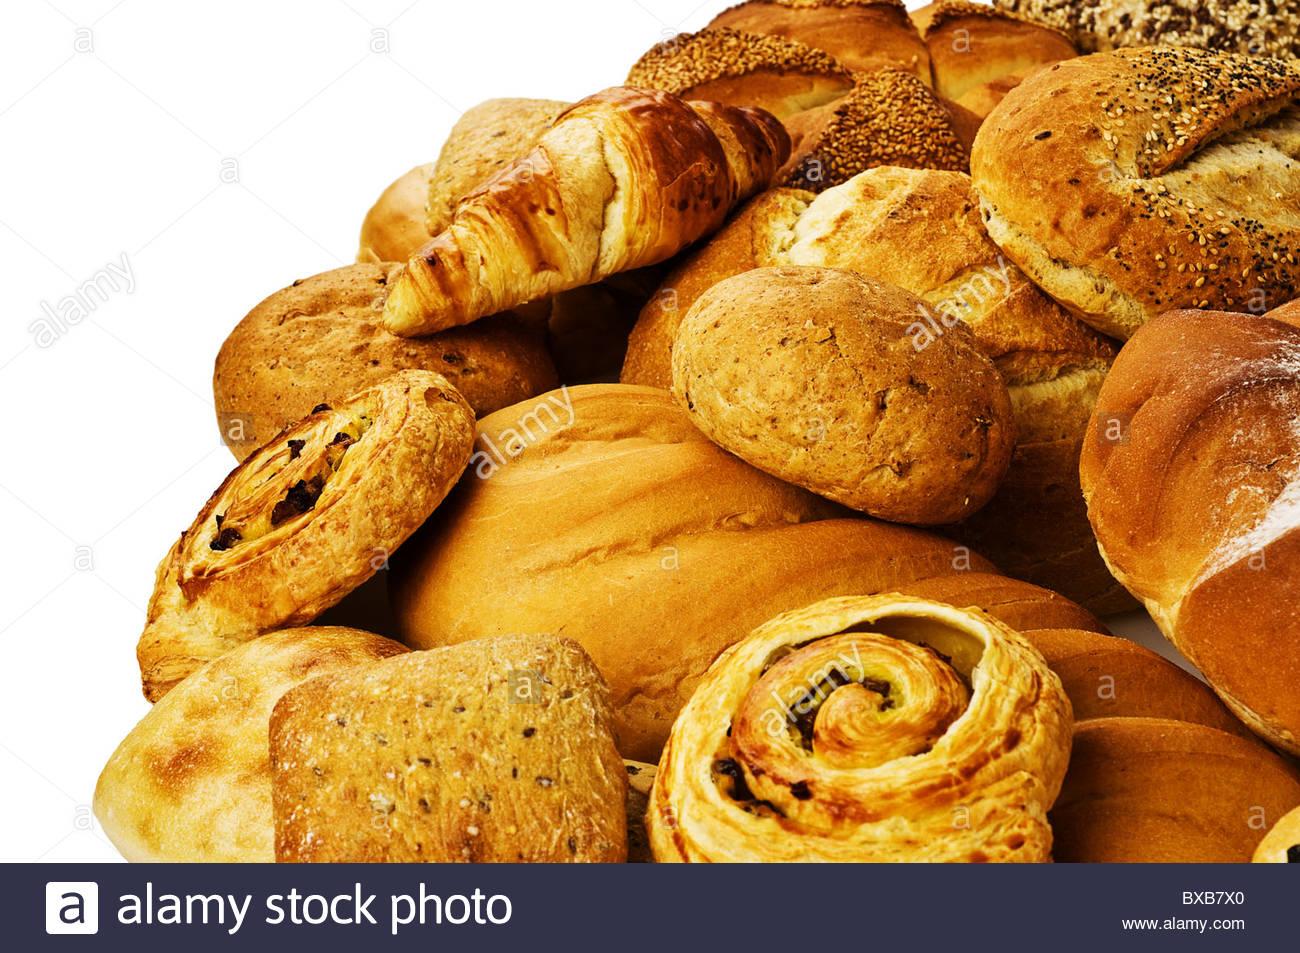 Auswahl von frischem Brot Stockbild